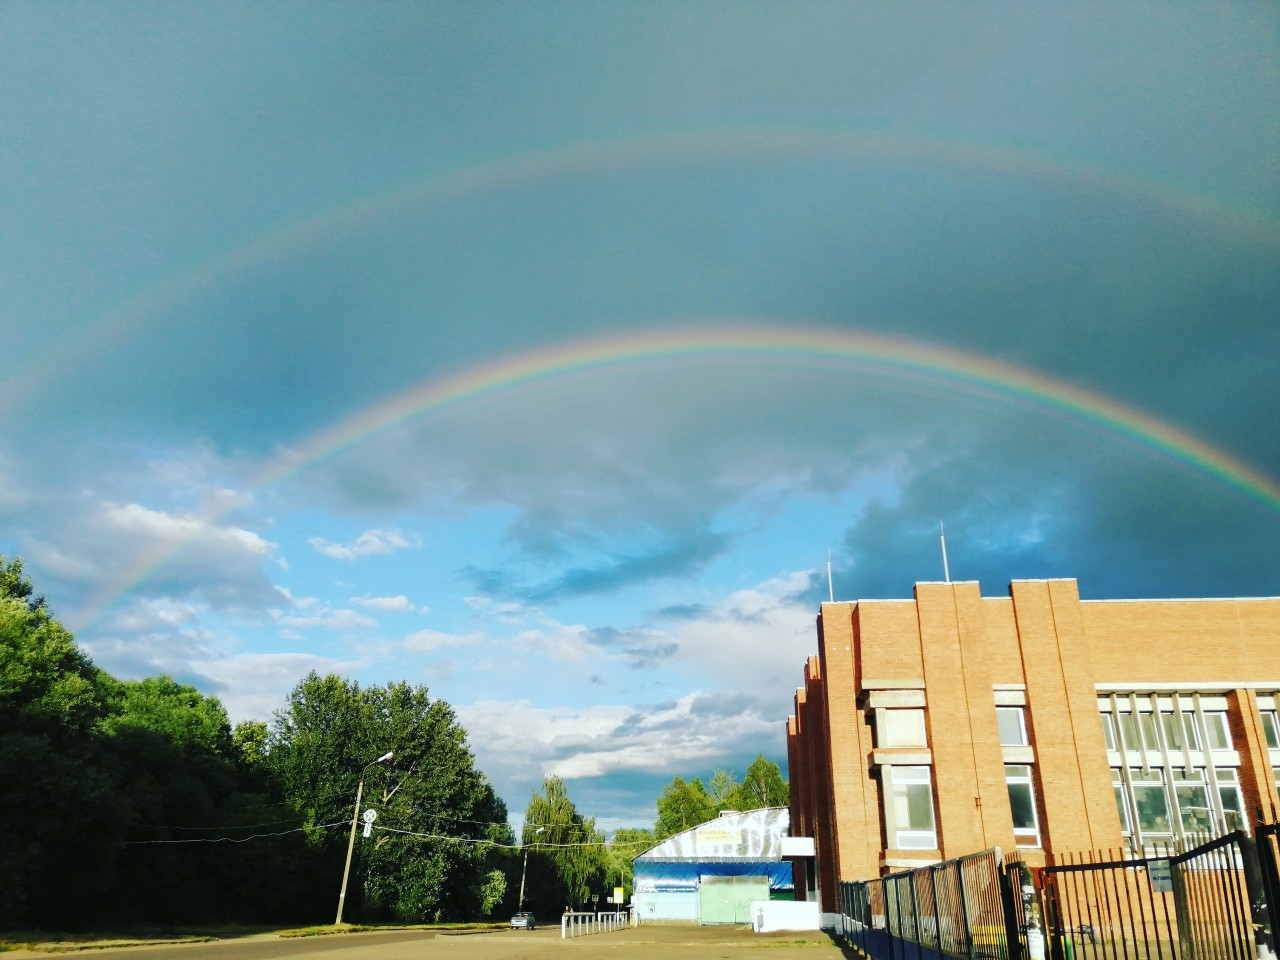 Ярославцев восхитила огромная радуга через весь город: фотоподборка